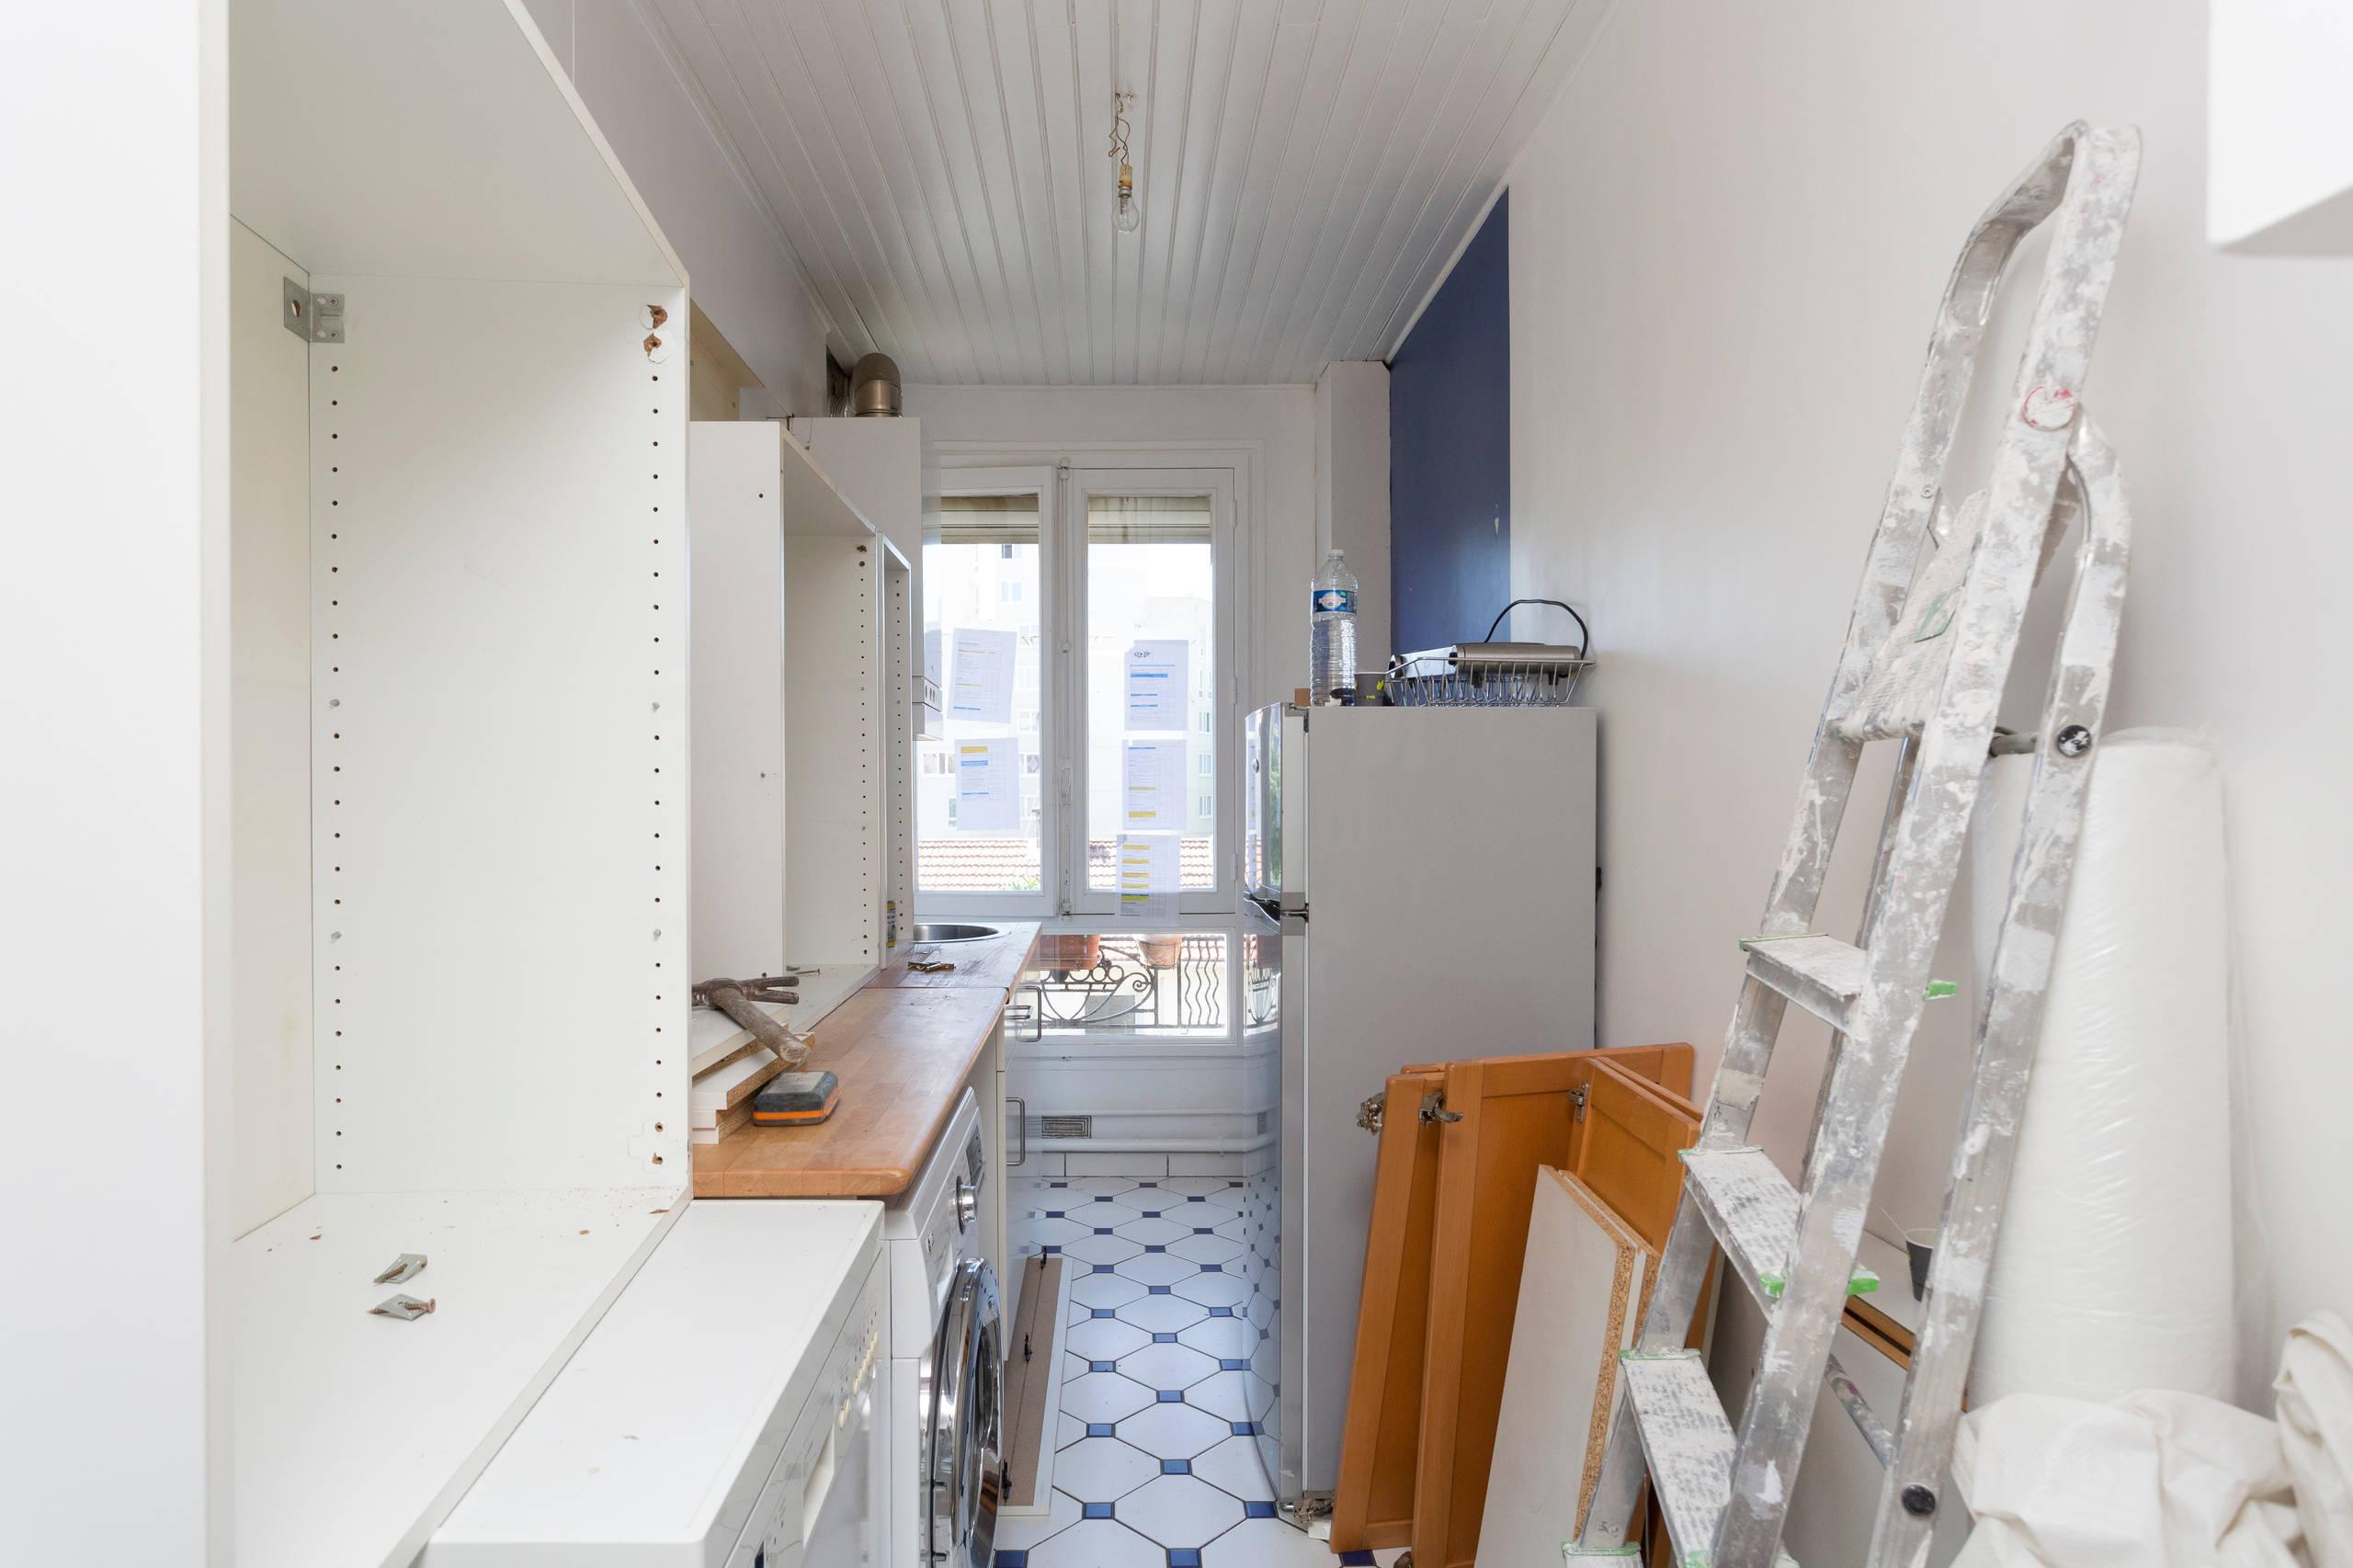 Rénovation d'une cuisine avec une verriere bois